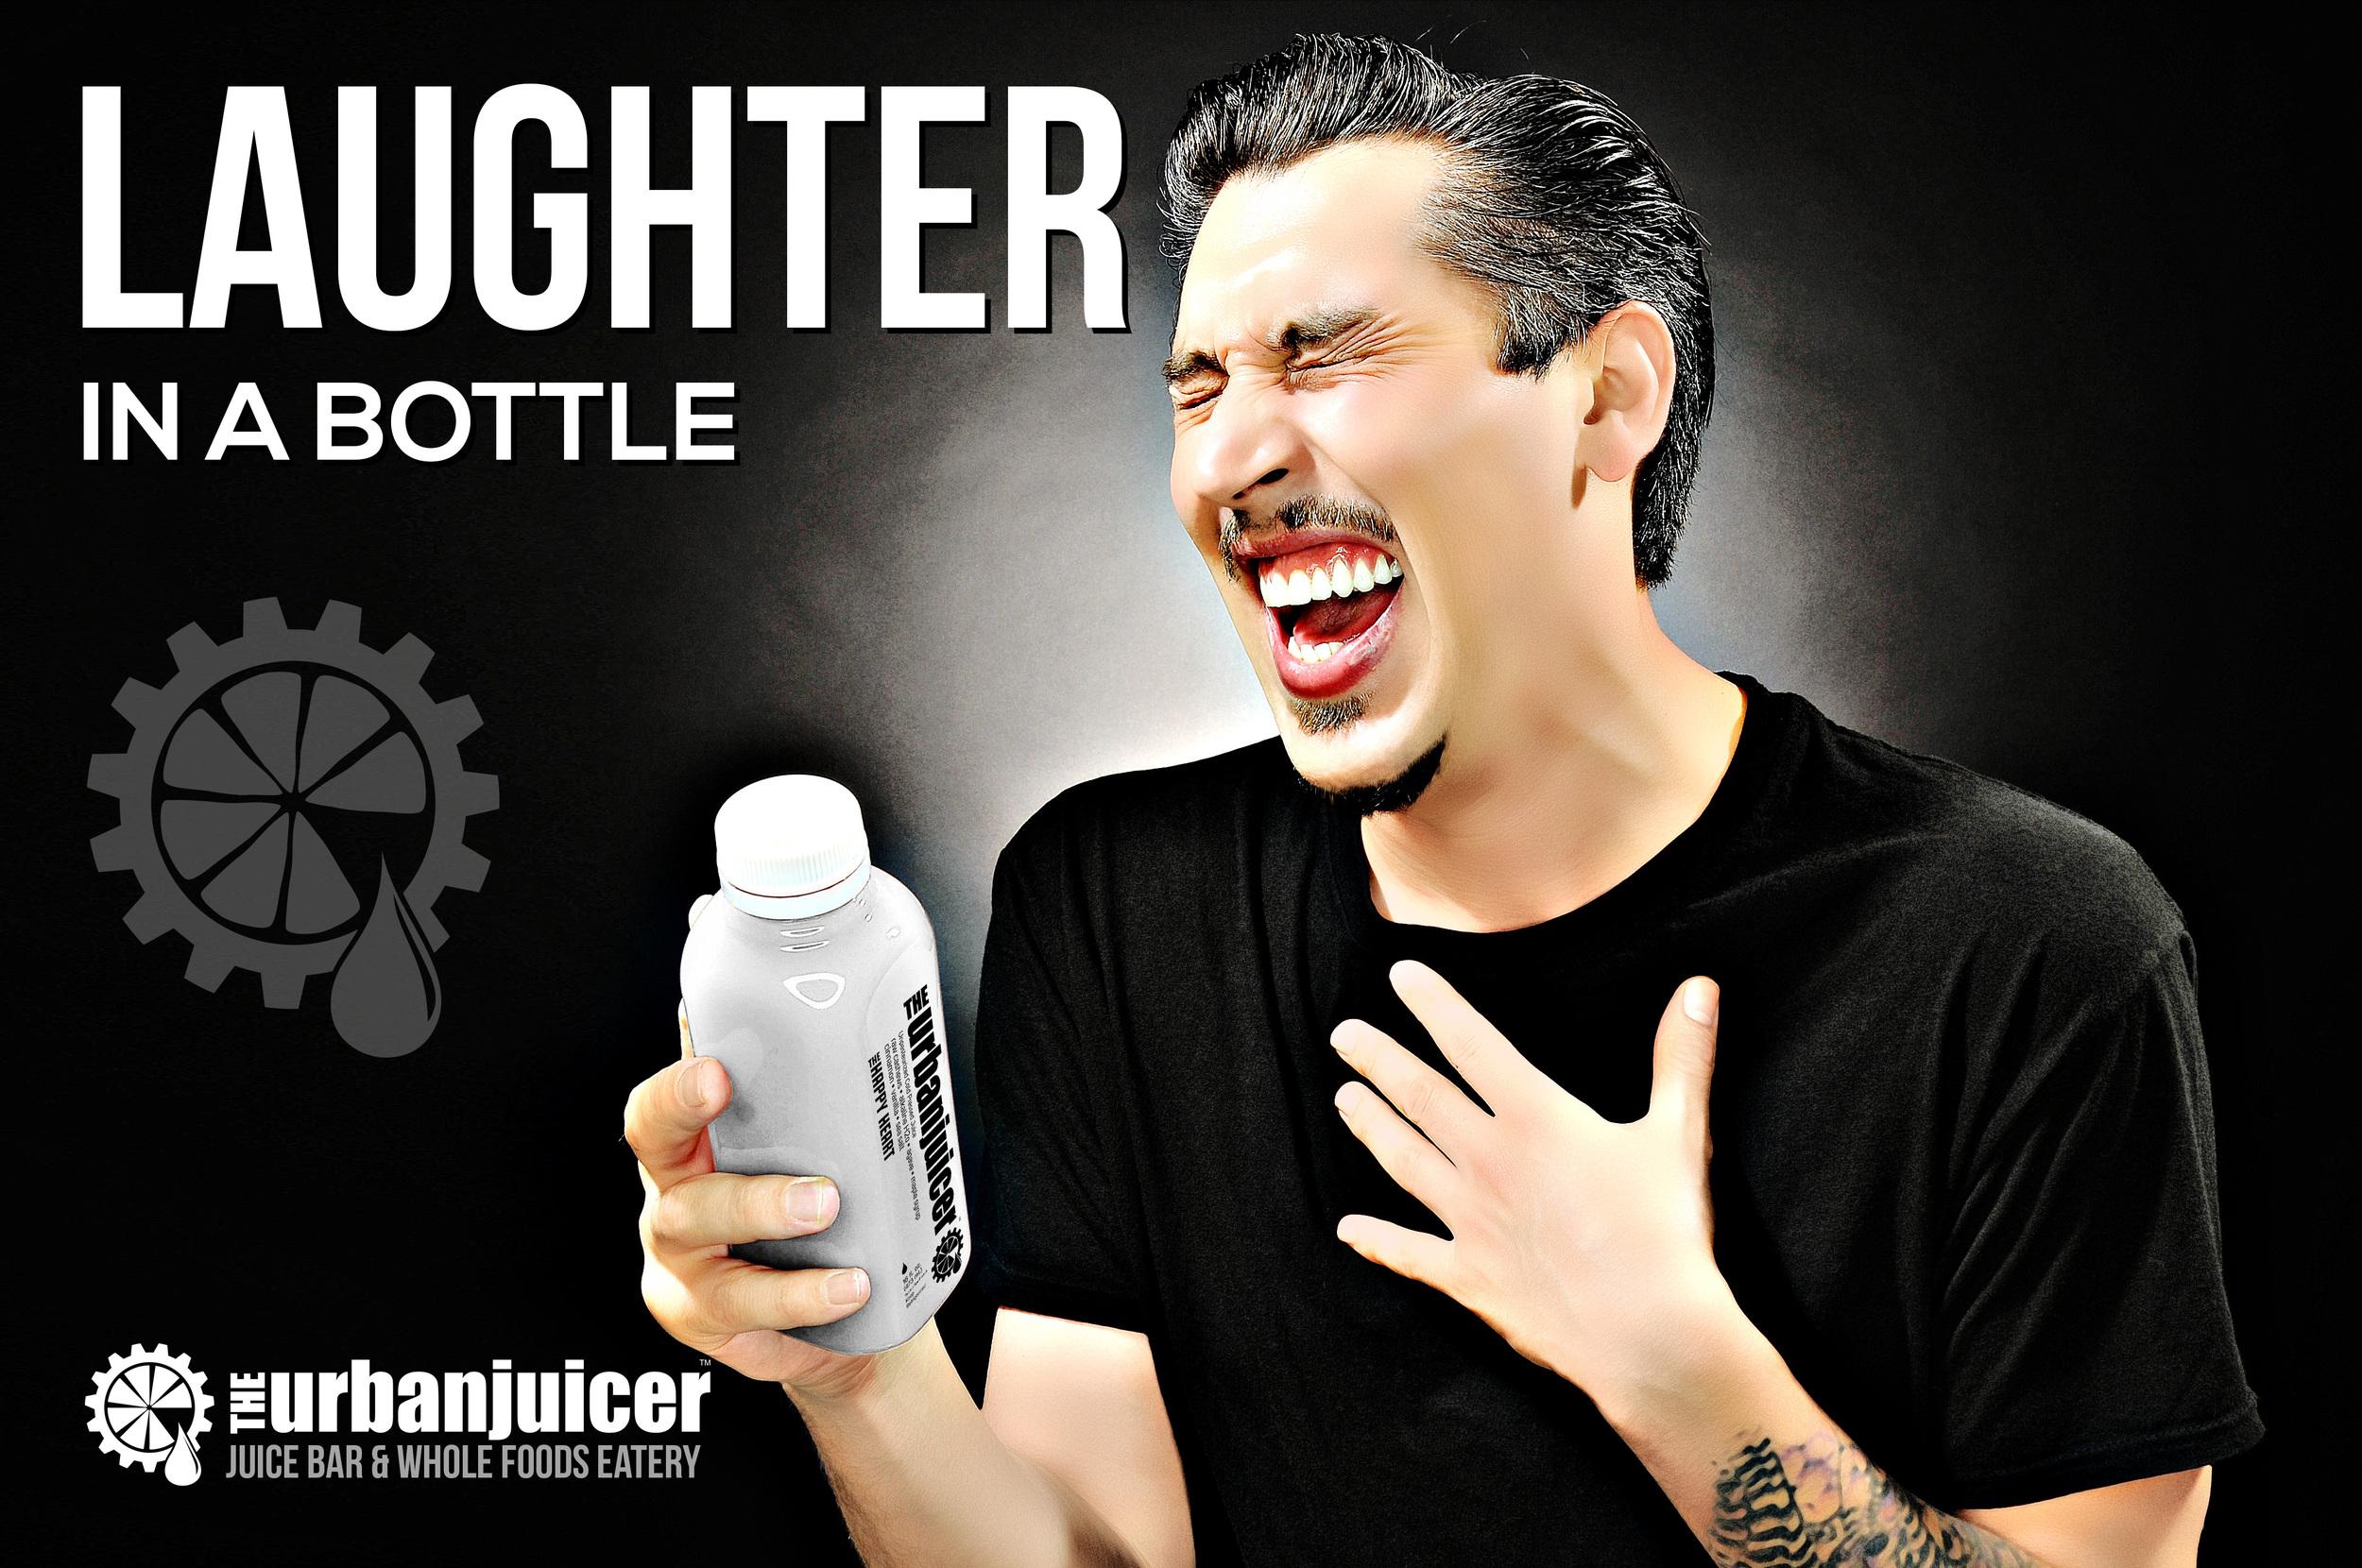 Dustin-Happy-Heart-Black-BG-Laughter-Bonus-01.jpg